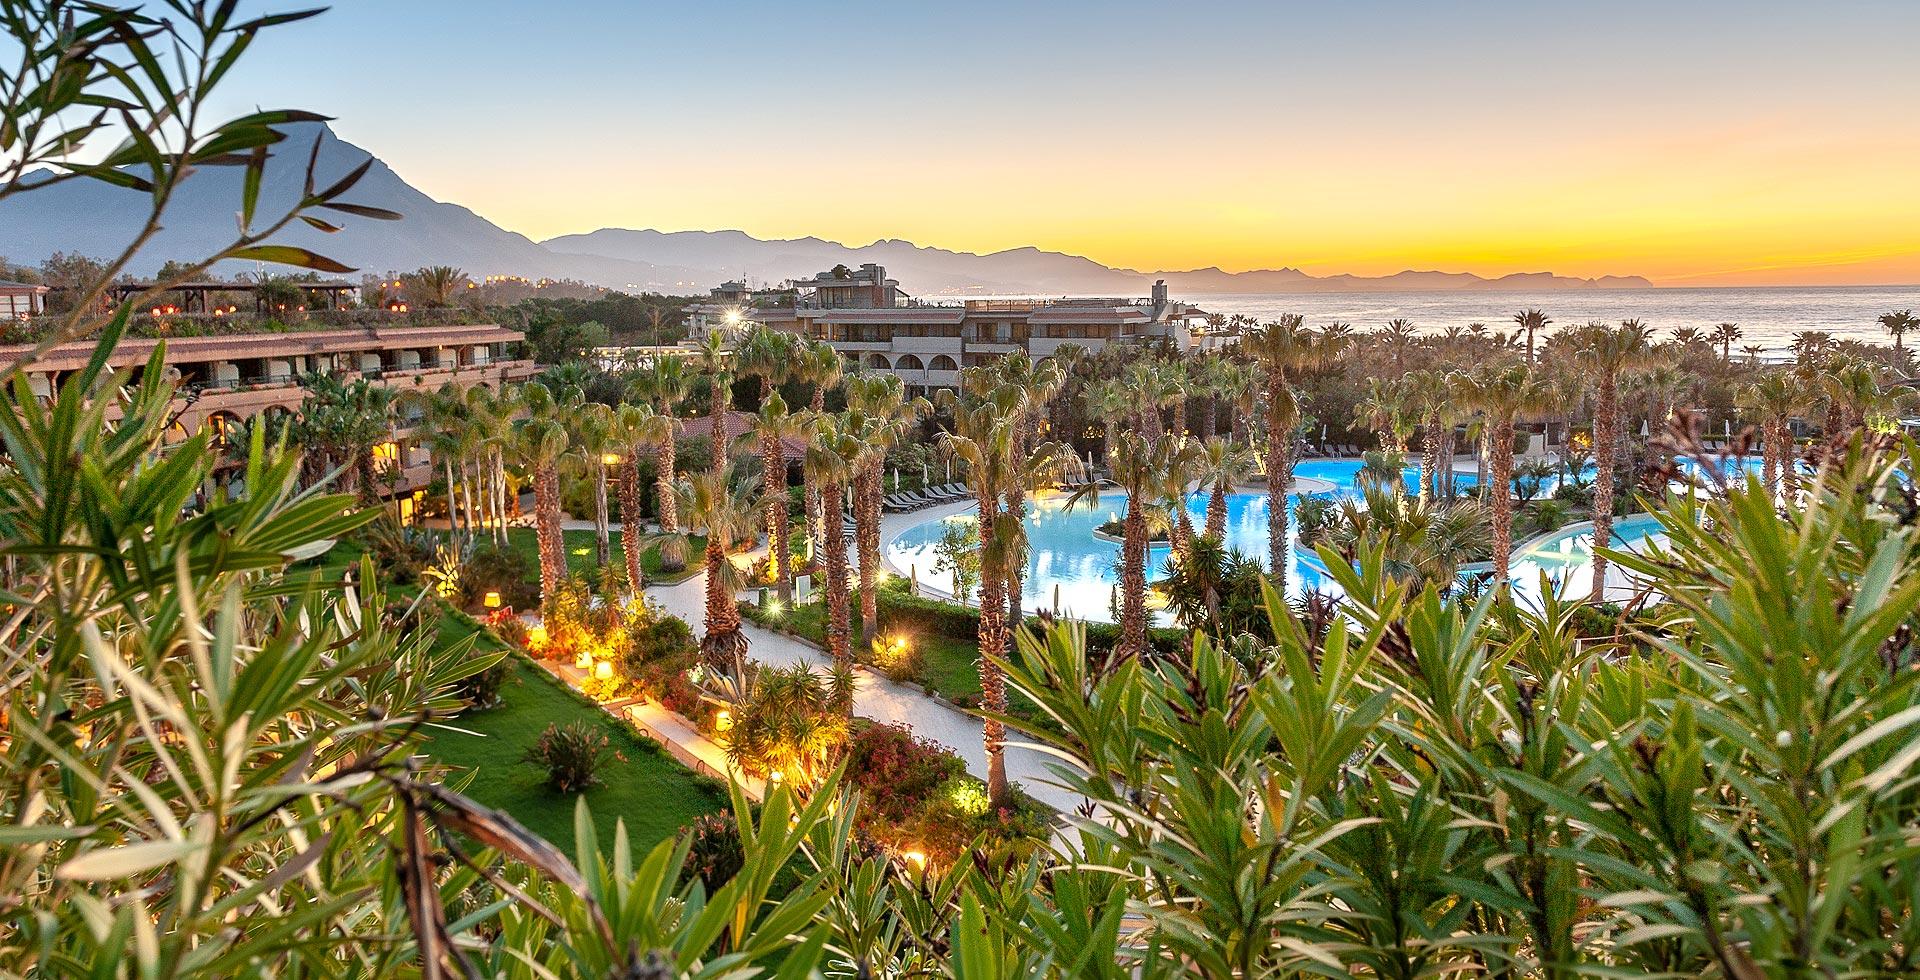 piscina di un villaggio turistico in Sicilia